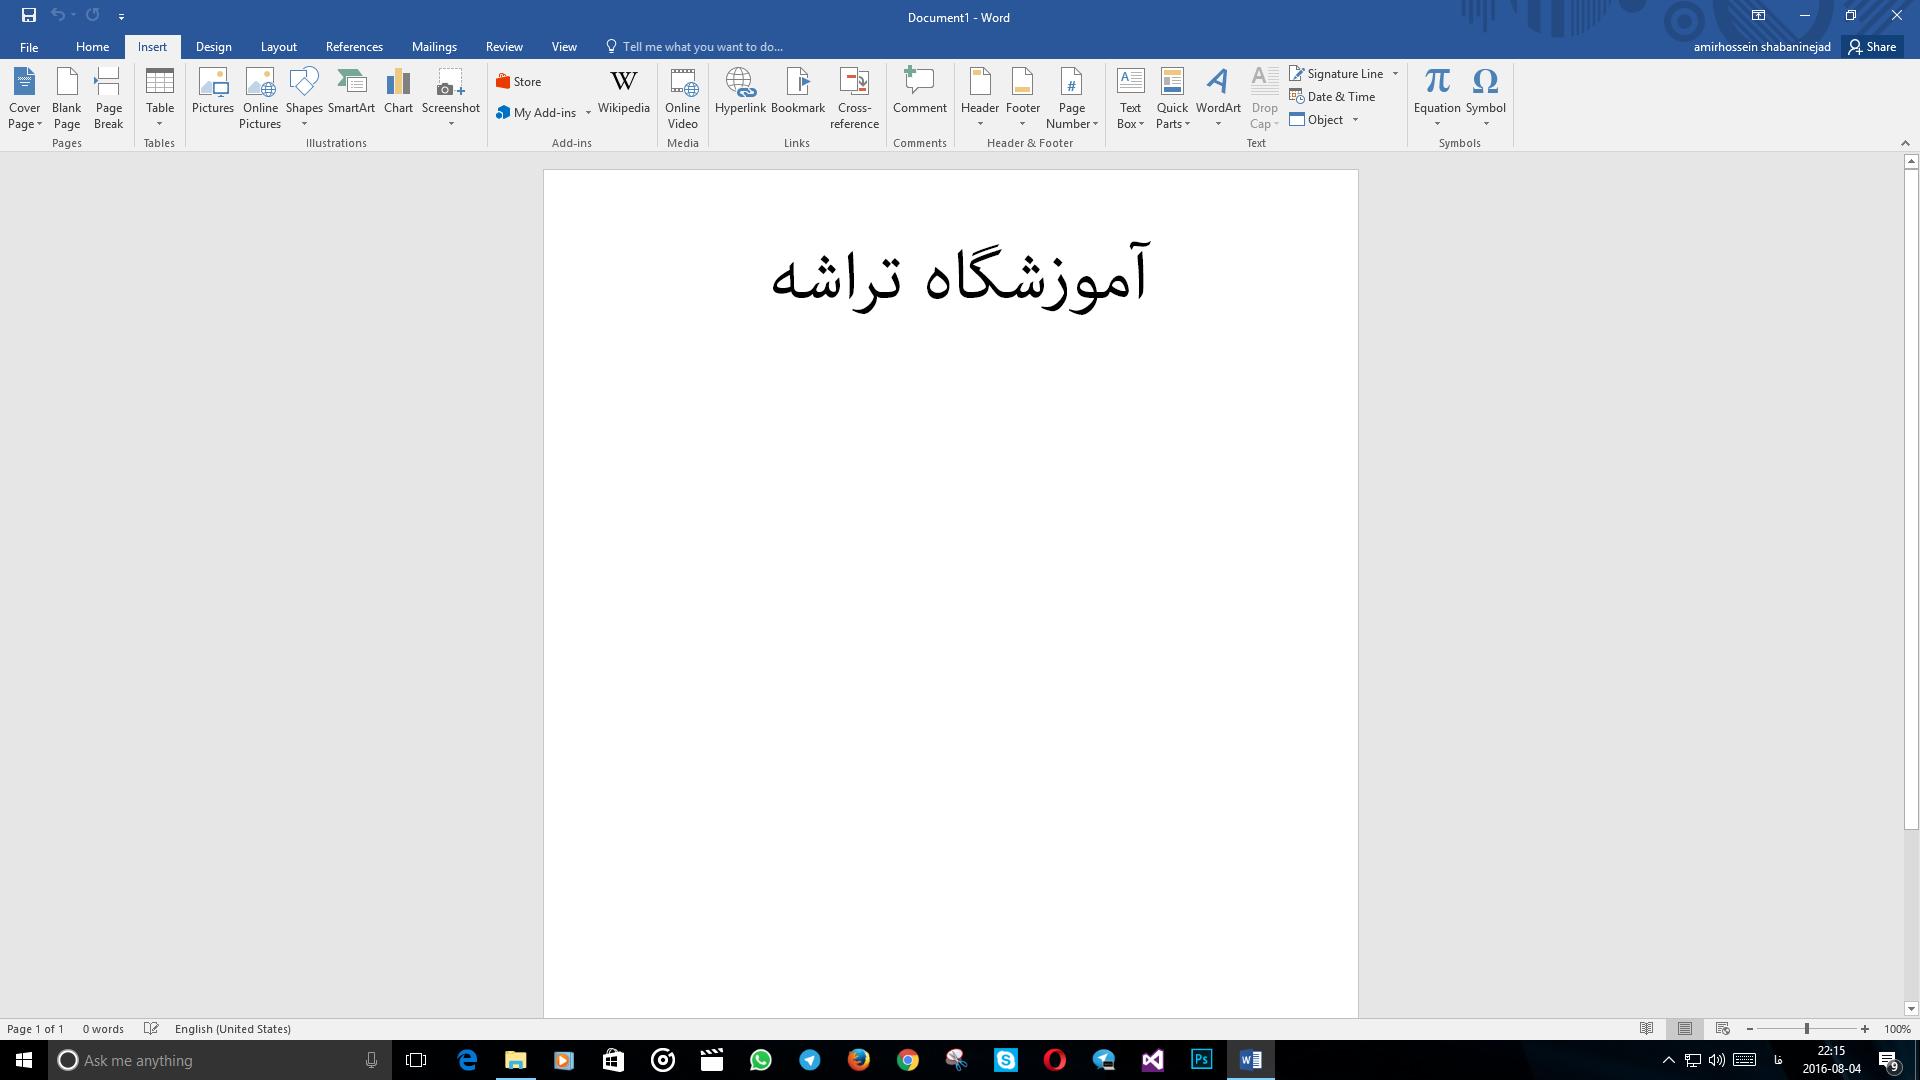 تصویر از طریقه استفاده از کلیدهای ترکیبی در محیط word آموزشگاه تراشه قم